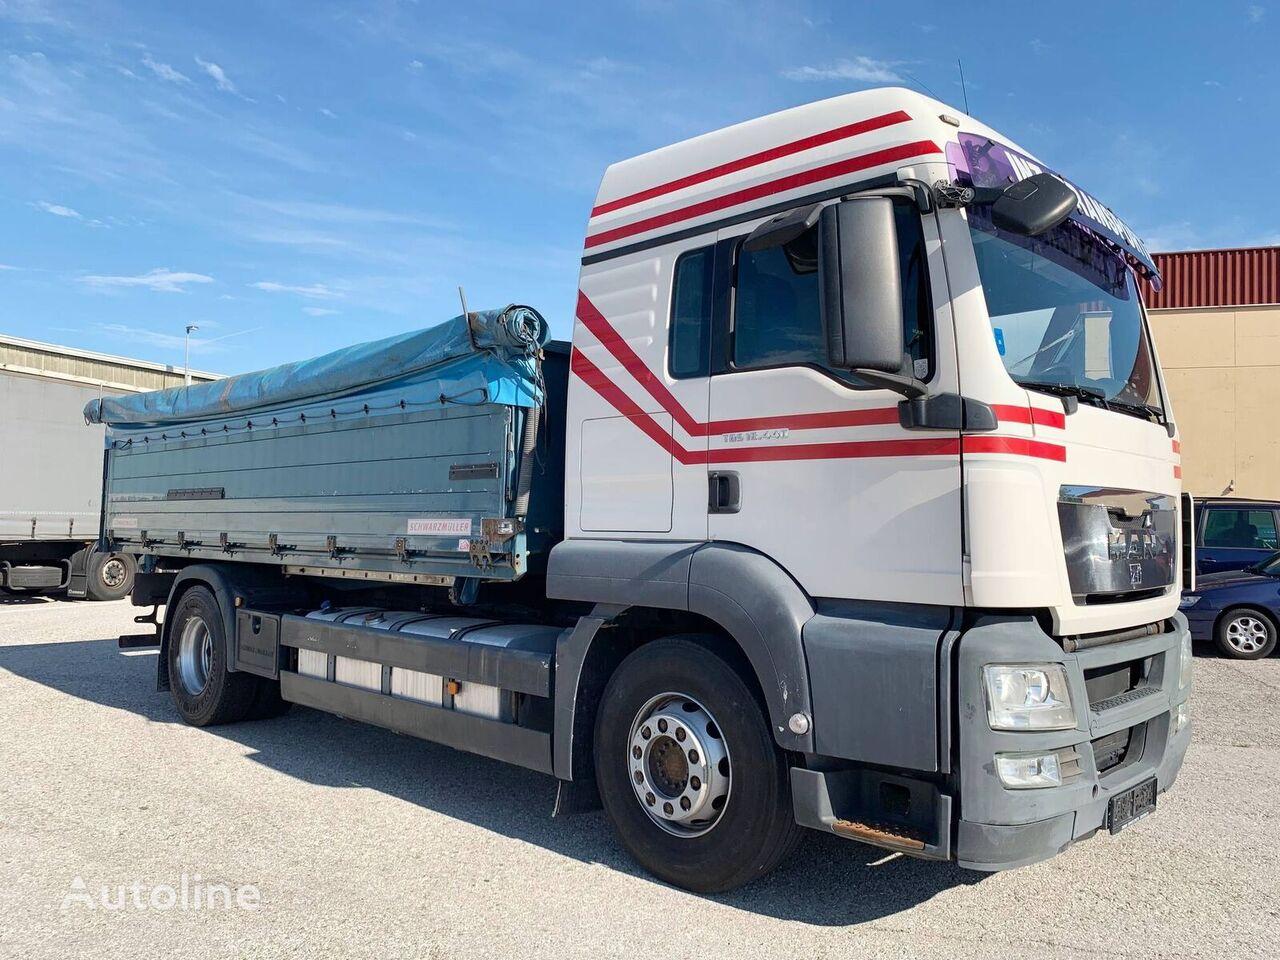 MAN 18 kamion za prijevoz zrna